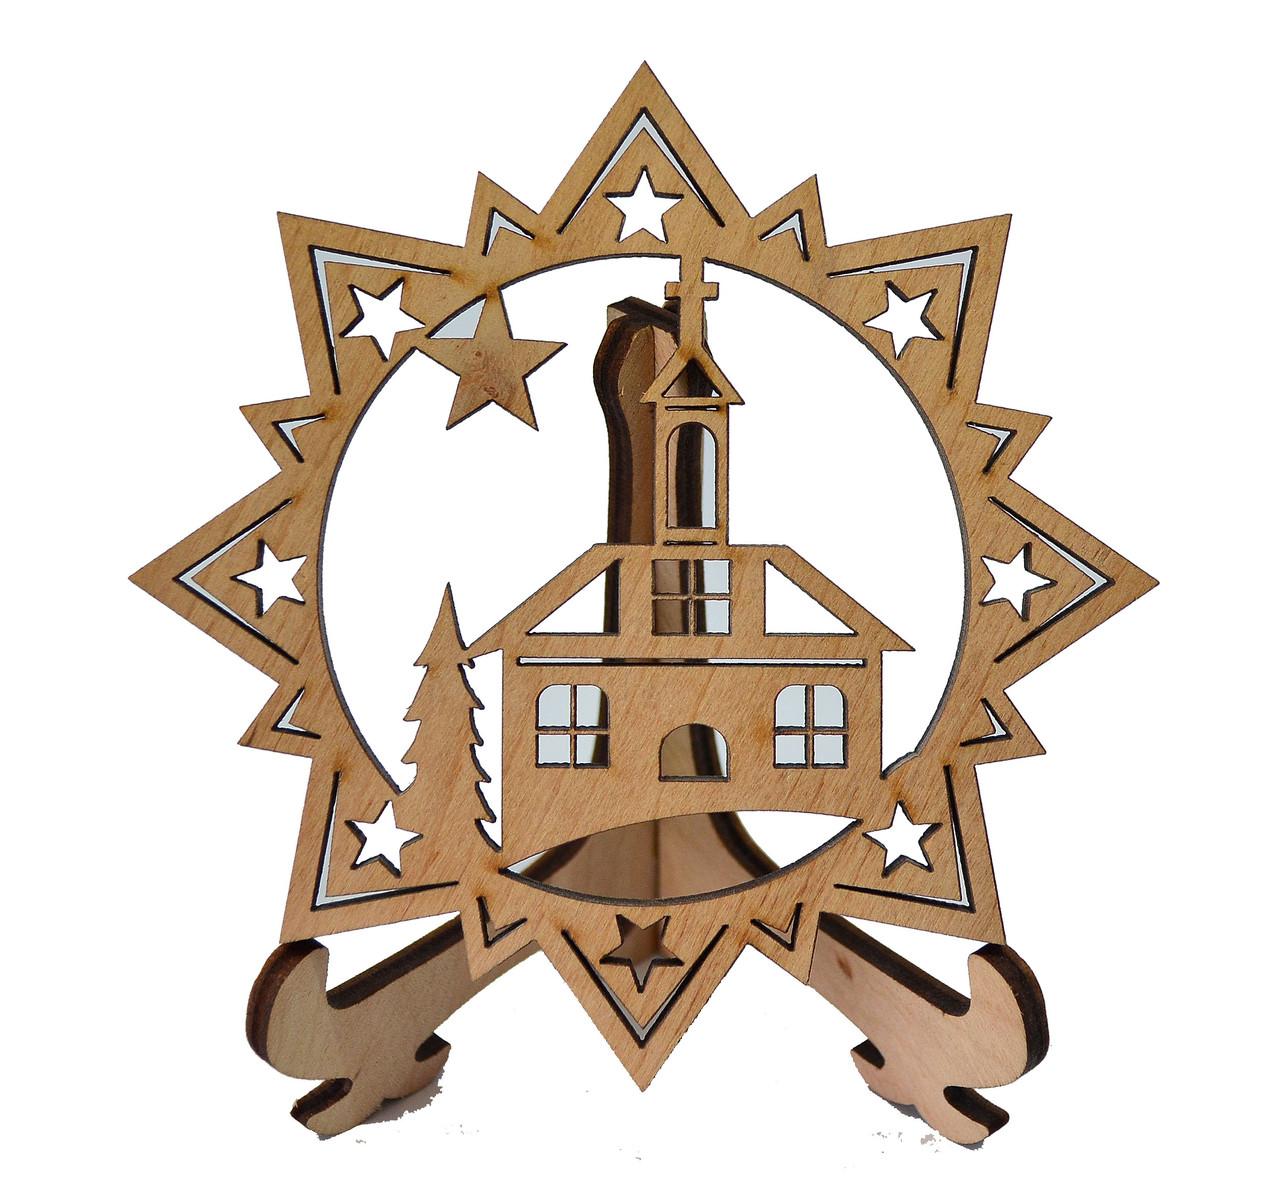 Деревянная новогодняя игрушка заготовка. Церковь в звезде